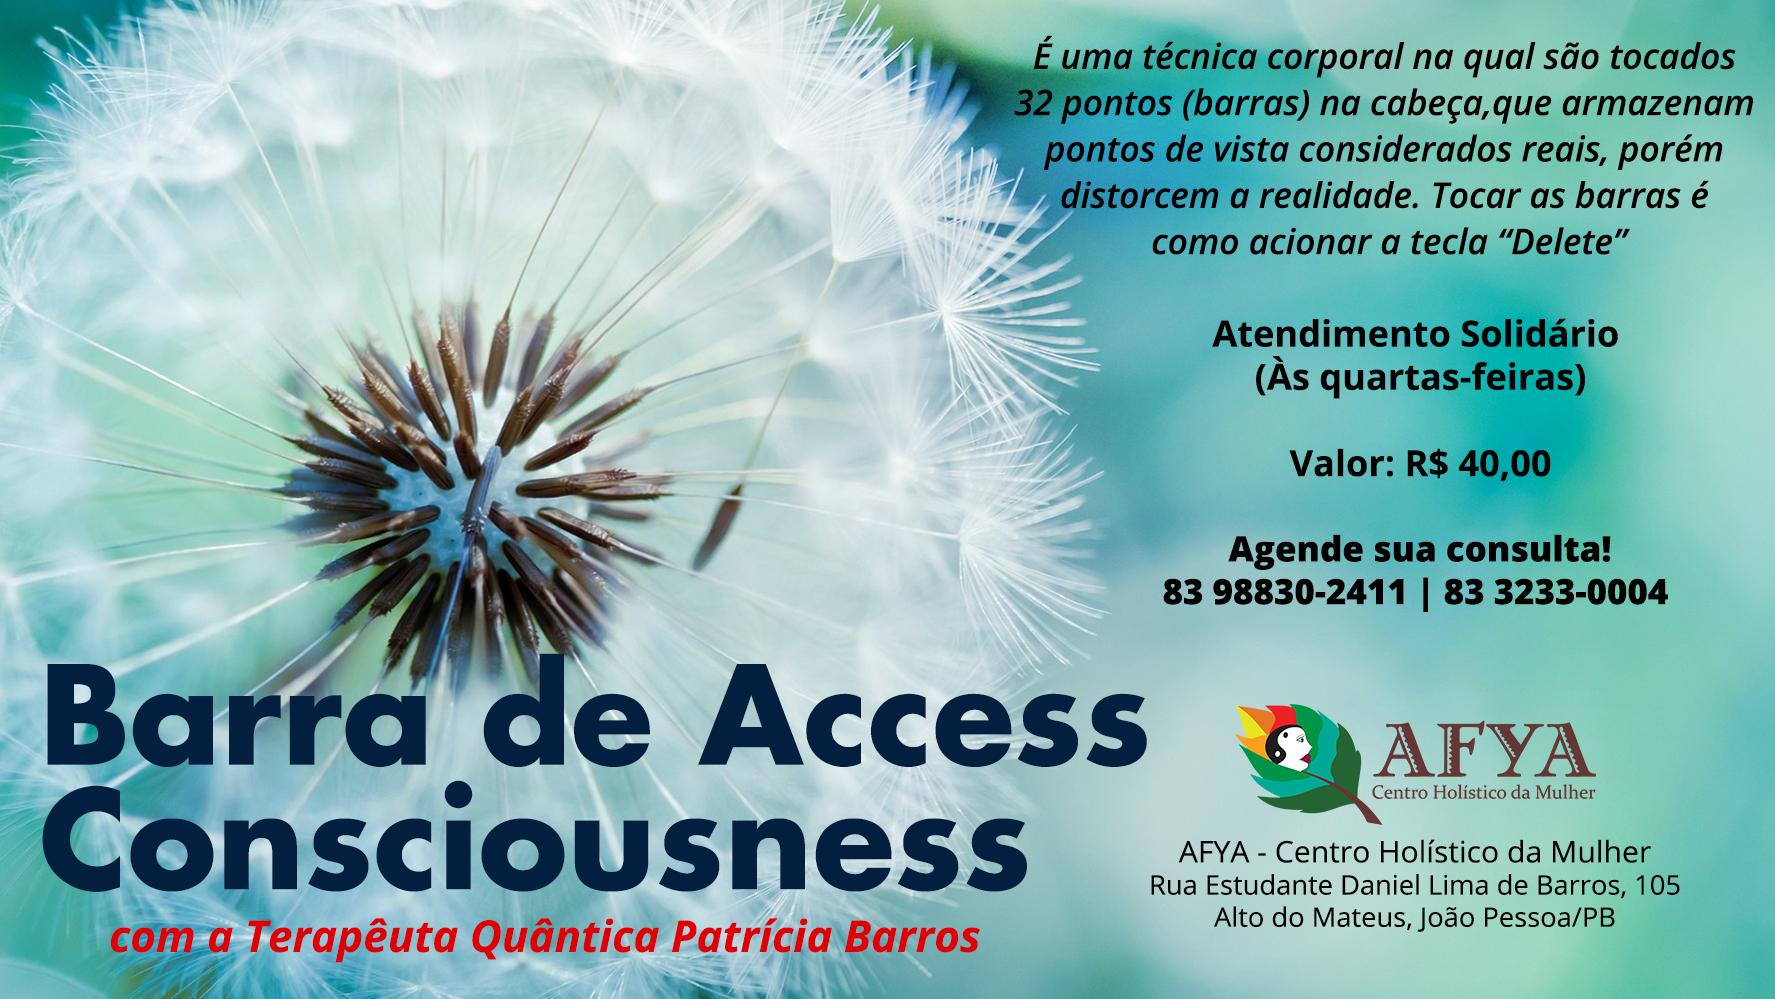 BARRAS-ACCESS